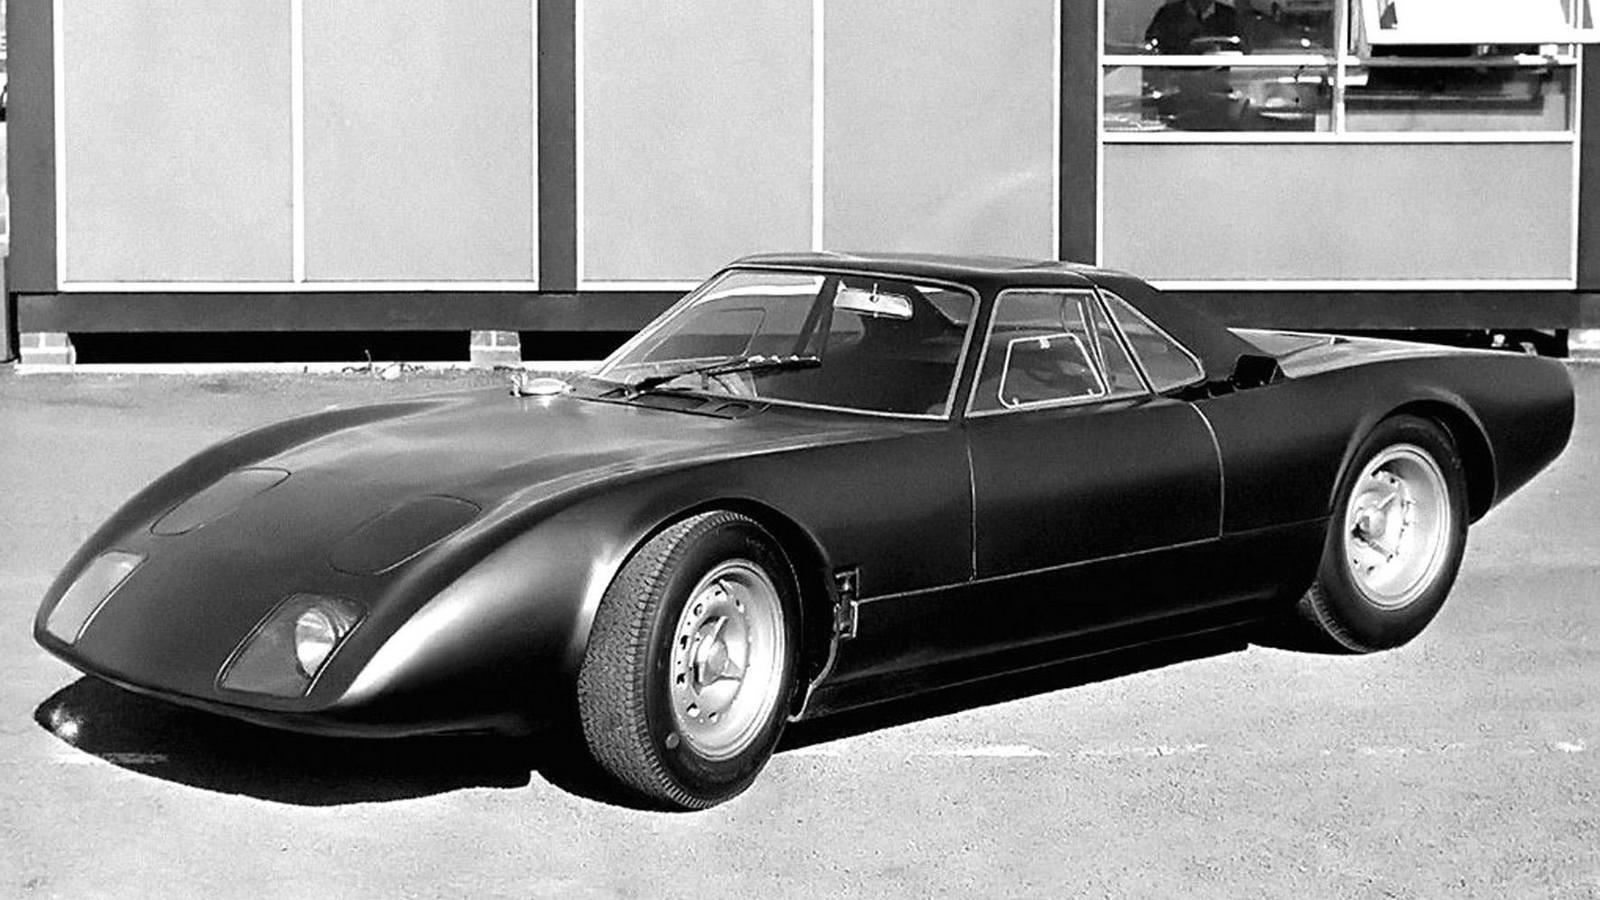 Престижный дорожный вариант спортивного автомобиля Rover-BRM с газовой турбиной. 1965 годГазотурбинный уникум FIATС 1948 года разработкой скоростной газотурбинной машины Turbina занимался итальянский концерн FIAT, приняв за основу своё «нормальное» спортивное купе модели 8V и конструкции авиационных турбовинтовых моторов. Ее шасси собрали в феврале 1954-го, а 10 апреля на свет появился эффектный обтекаемый красно-белый автомобиль с задними стабилизаторами, способный развивать скорость 250 км/ч.Спортивная газотурбинная машина FIAT Turbina в Museo dell' Automobile di Torino. 1954 годАвтомобиль FIAT Turbina с задним силовым агрегатом и автоматической трансмиссией модели 8001Главной особенностью 300-сильного ГТД заднего расположения была особая трансмиссия модели 8001, автоматически регулировавшая рабочие режимы компрессора и тяговой турбины. При этом свежий воздух засасывался спереди и подавался к заднему компрессору по центральному тоннелю.При желании на этой схеме можно разглядеть всю «механическую мельницу» машины FIAT TurbinaАвтомобиль получил стальную трубчатую раму и независимую подвеску всех колес со стабилизаторами поперечной устойчивости. После испытаний и демонстрации на Туринском автосалоне в нём выявили множество недостатков, и дальнейшие работы пришлось прекратить.«Огненные птицы» от корпорации General MotorsКак только до далекой Америки долетели слухи о создании в Европе принципиально новых, но пока неиспытанных легковушек с ГТД к их созданию сразу подключились ведущие компании США. Понятно, что первой из них была корпорация General Motors. За короткое время она собрала три опытных работоспособных образца серии GM Firebird («Огненная птица»), более известные своим революционным самолетным стилем и брутальной внешностью, чем высокими техническими достижениями. Всё дизайнерское сопровождение контролировал вице-президент Харли Эрл.Известный дизайнер Харли Эрл во главе своего «огненного семейства» уникальных автомобилей FirebirdВ декабре 1953 года с первой эк